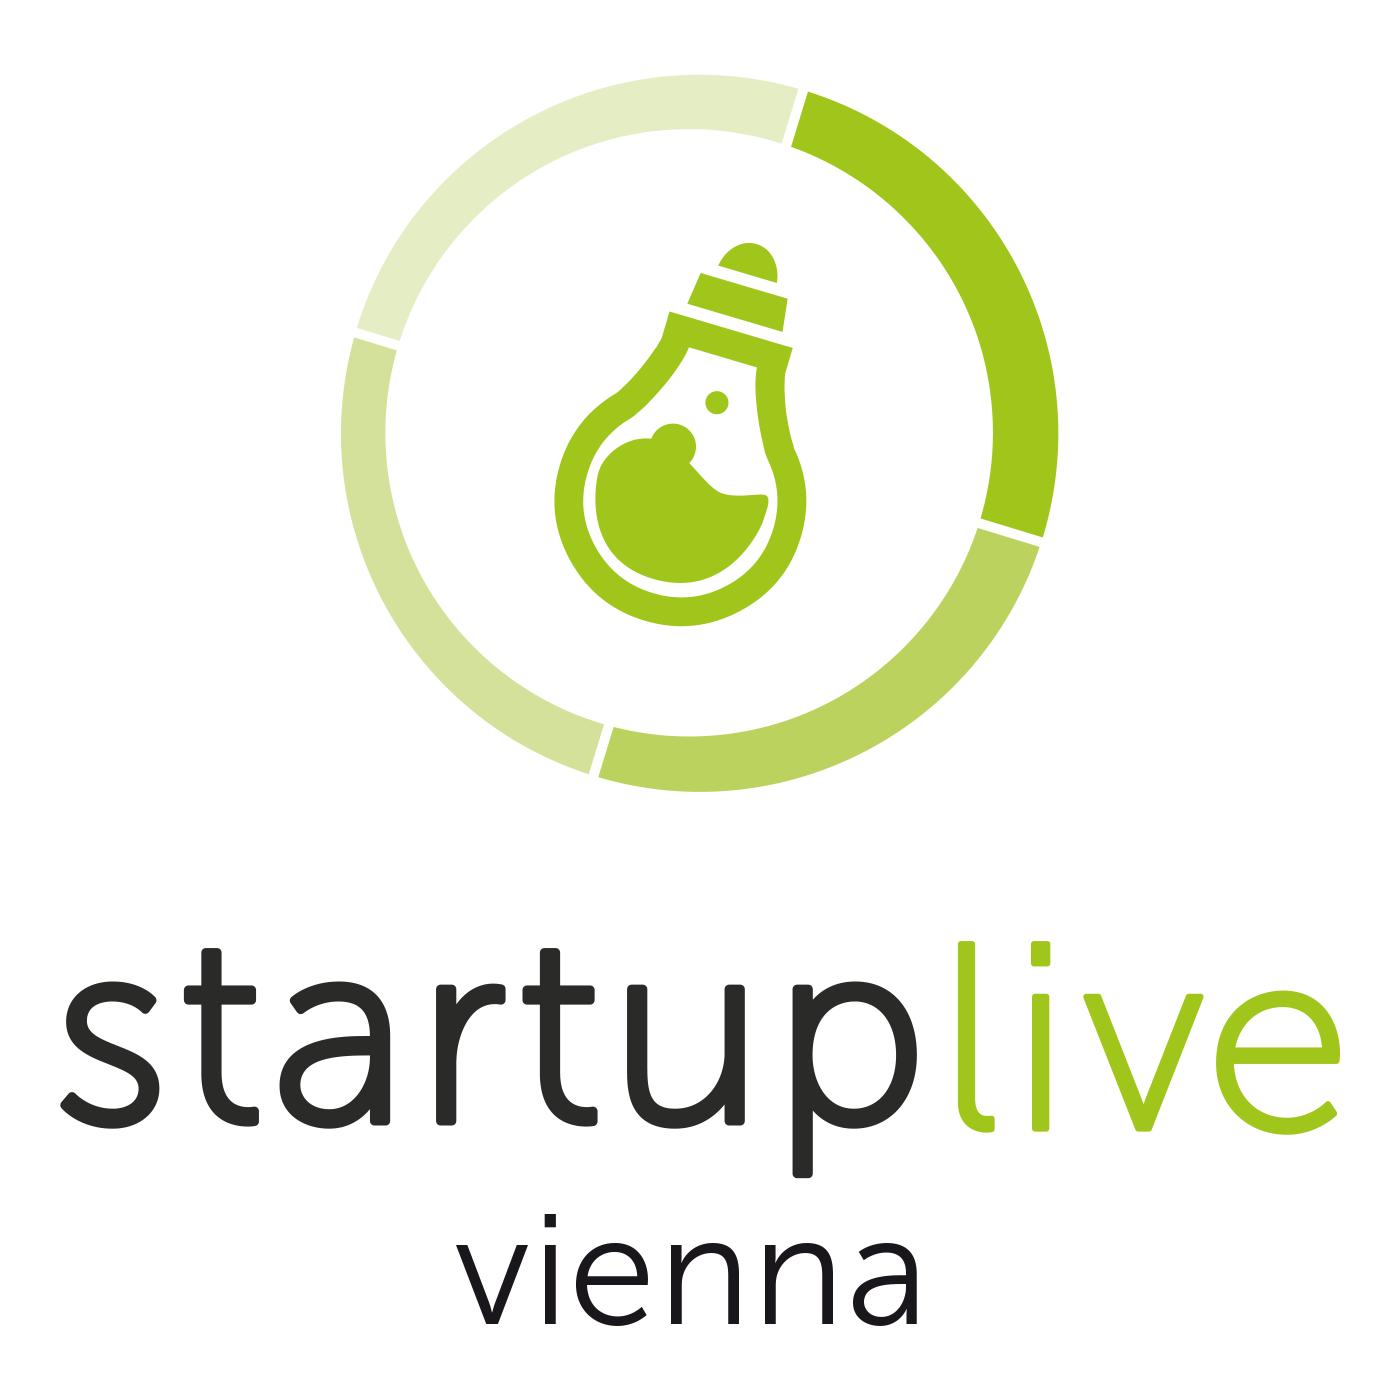 Startup Live Vienna